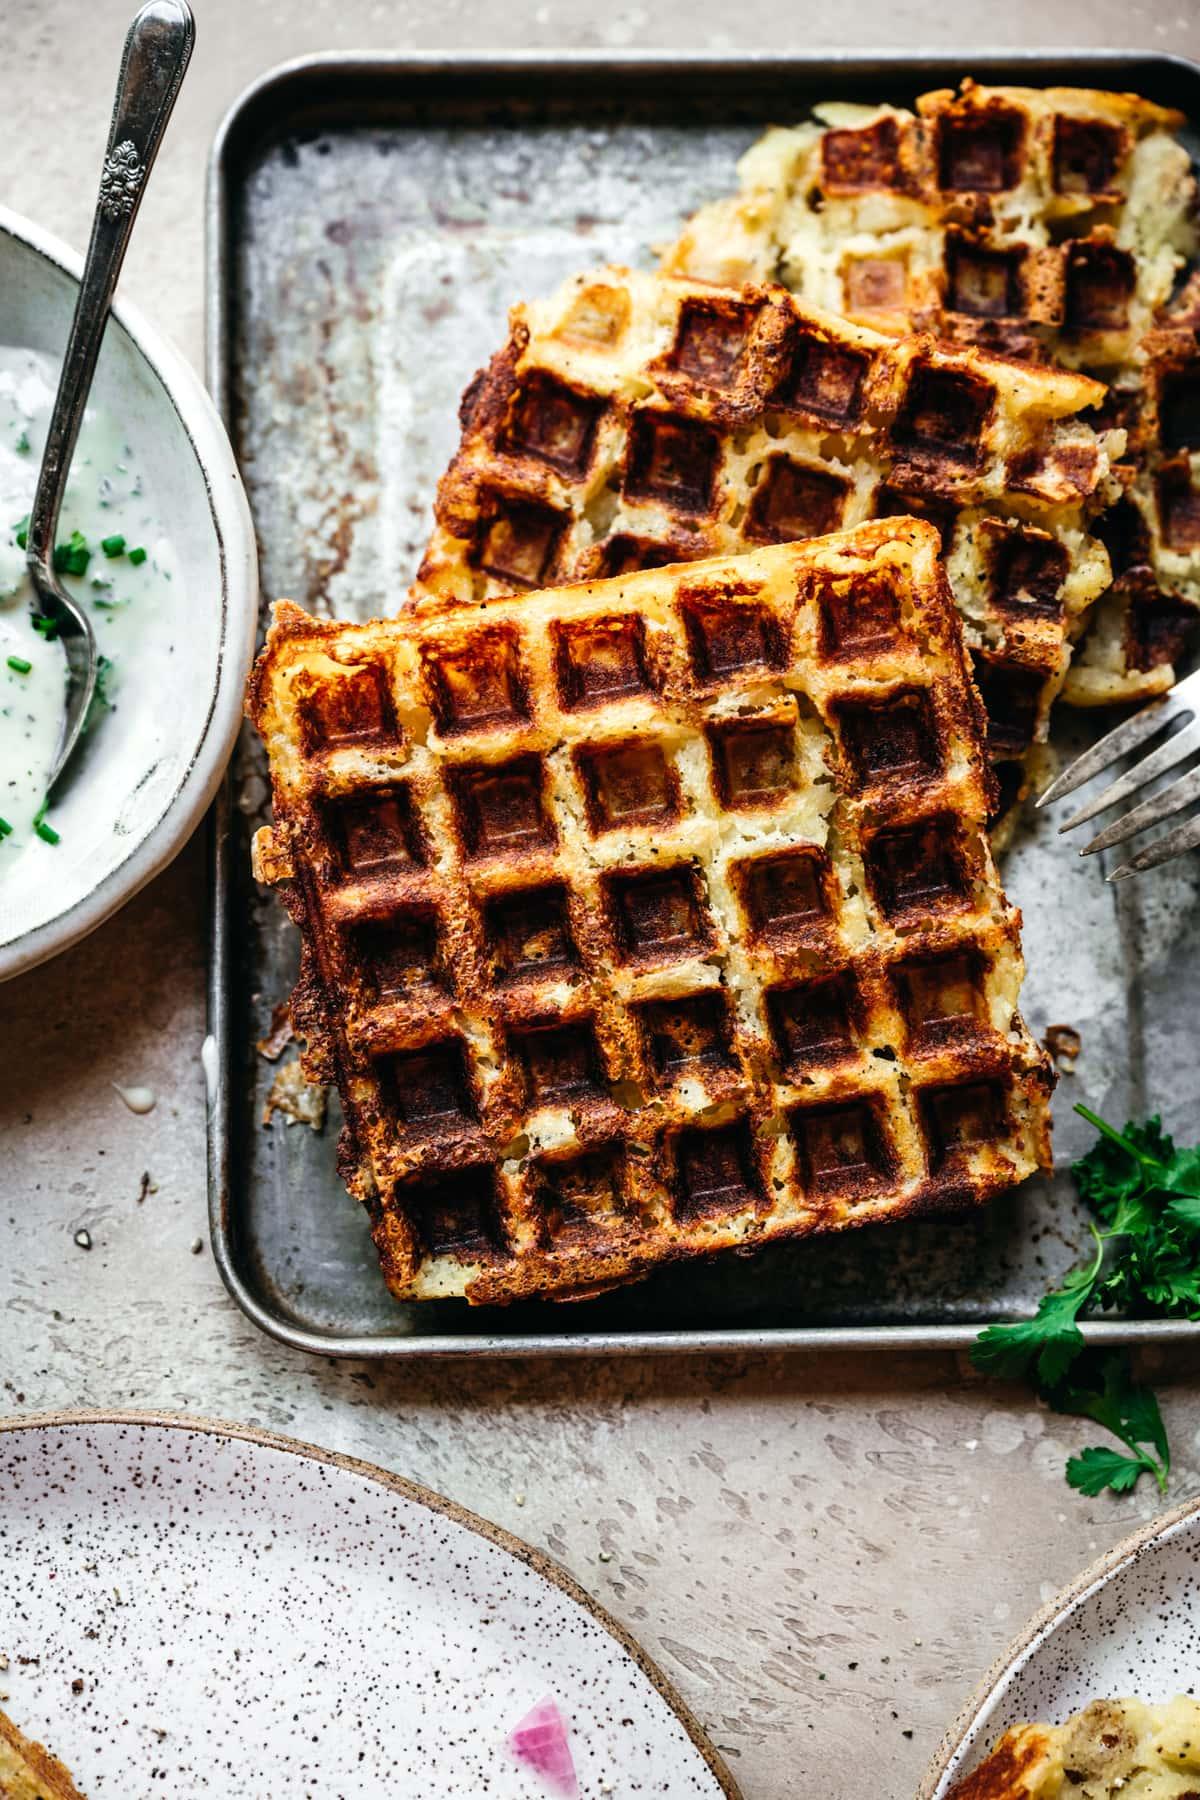 crispy mashed potato waffles